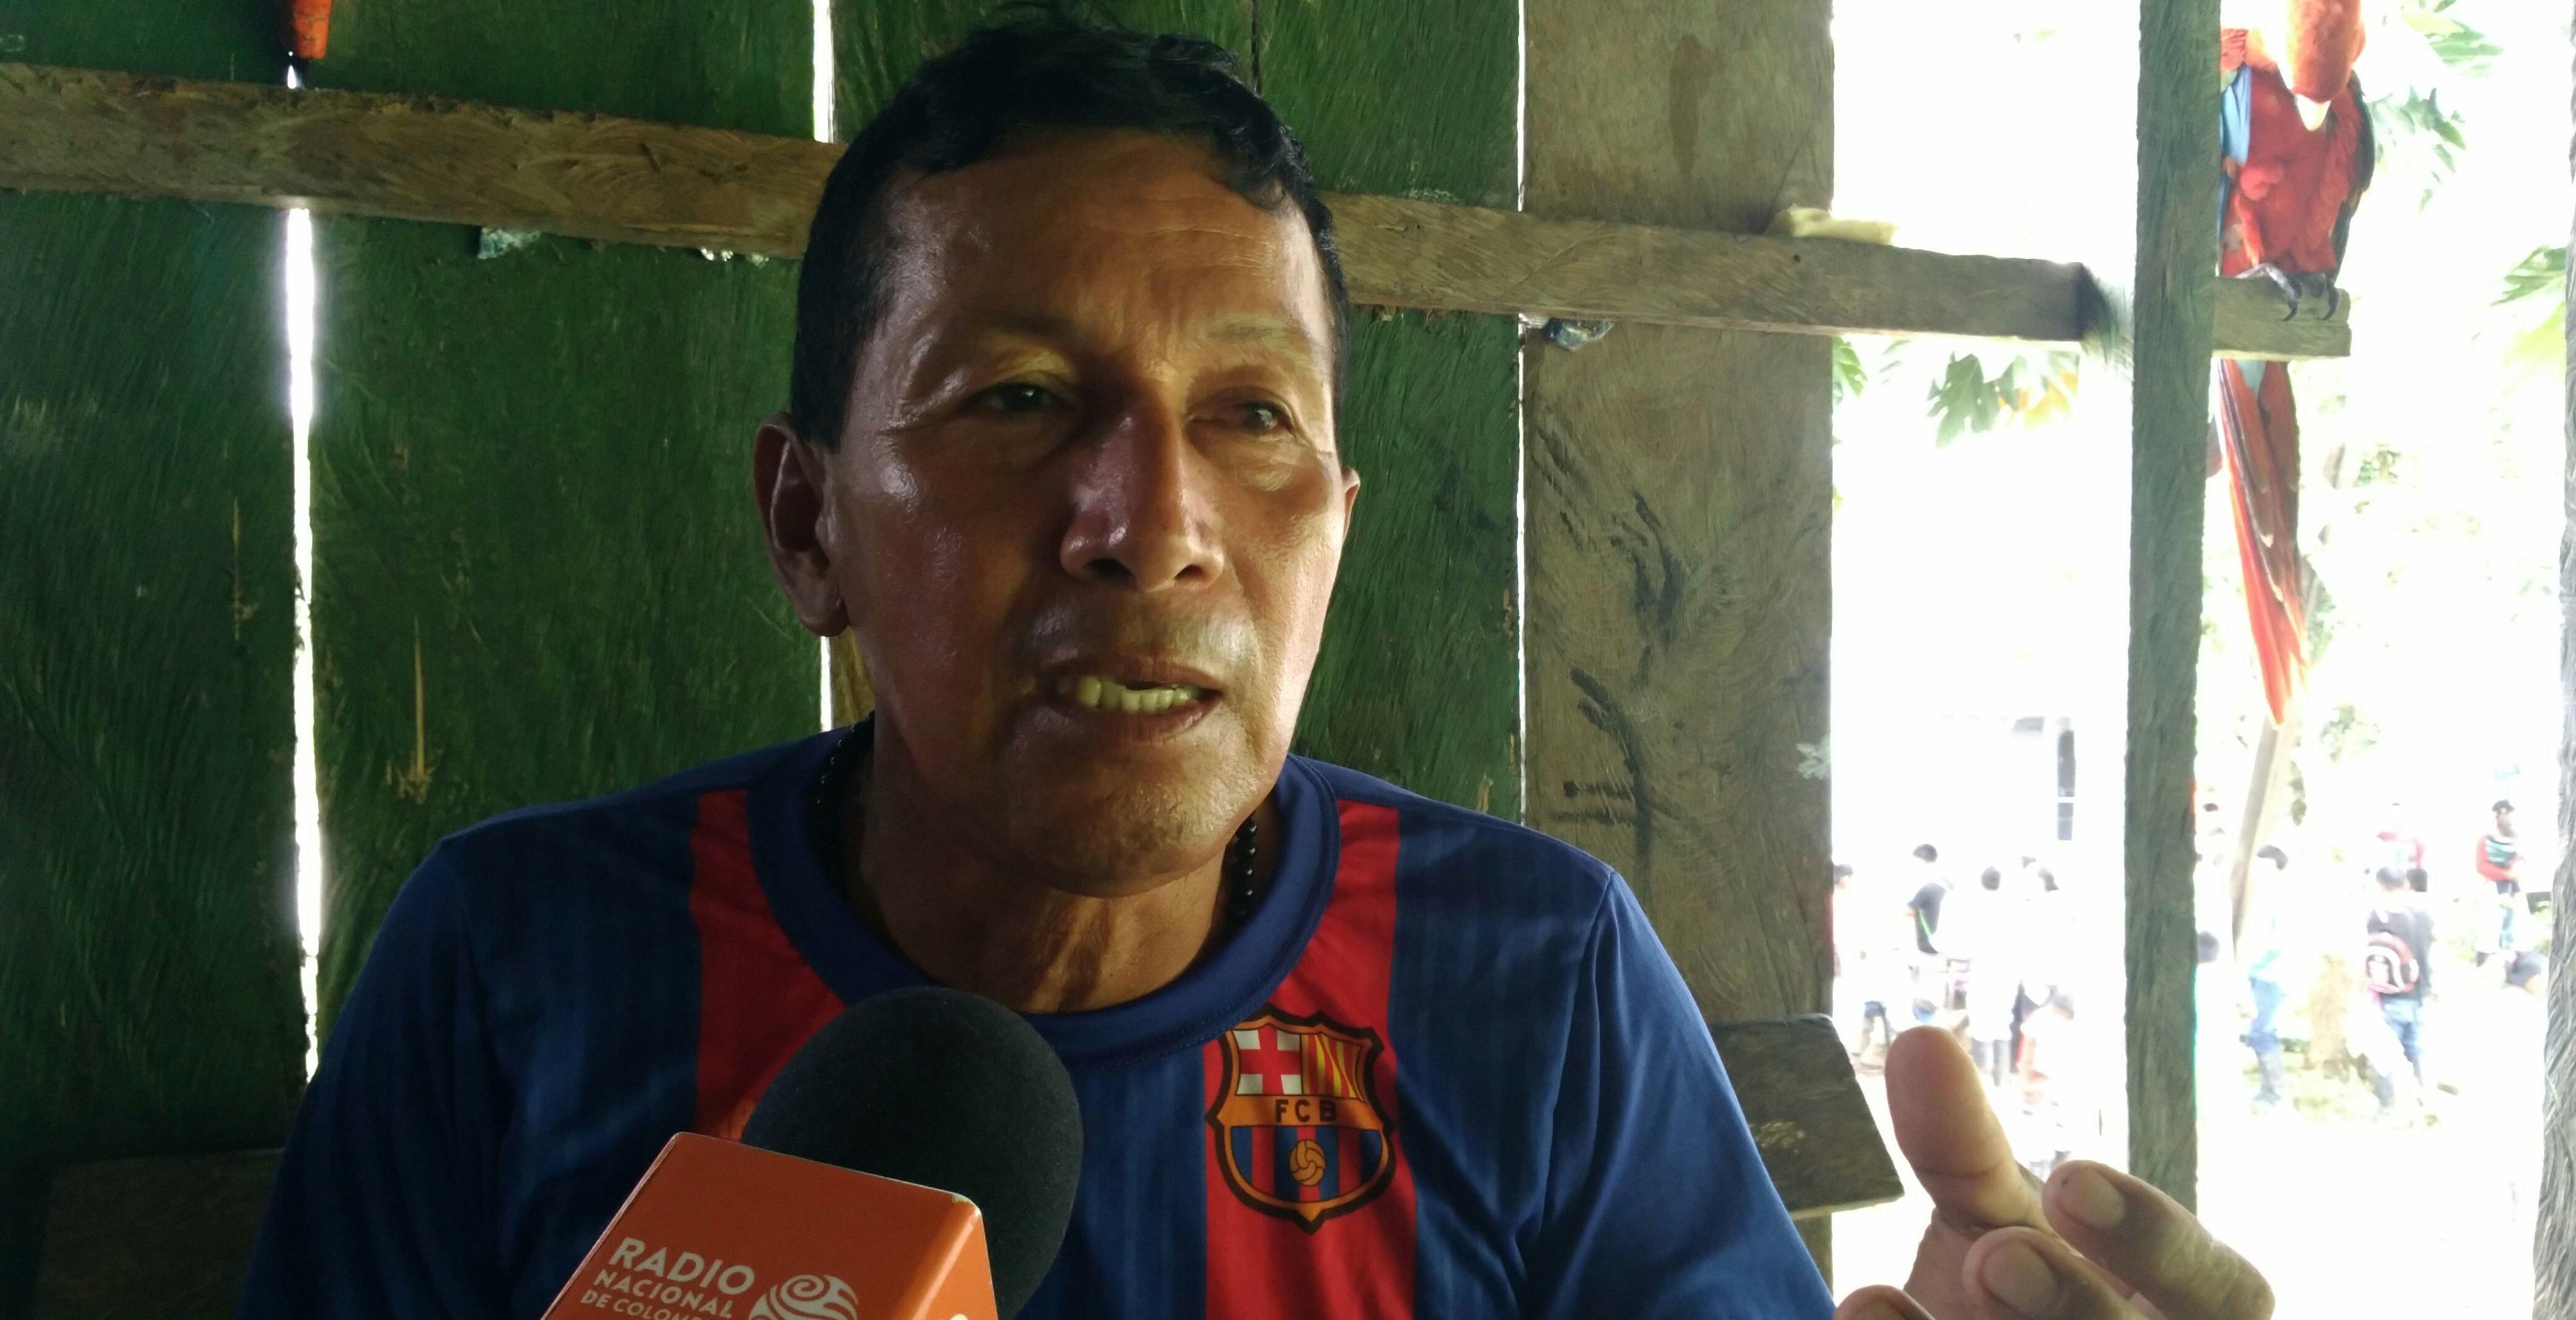 El profesor Ernesto Guamán Achanga explicó su estrategia para evitar la pérdida de la cultura Quichua en su comunidad. Foto: Mauricio Orjuela.